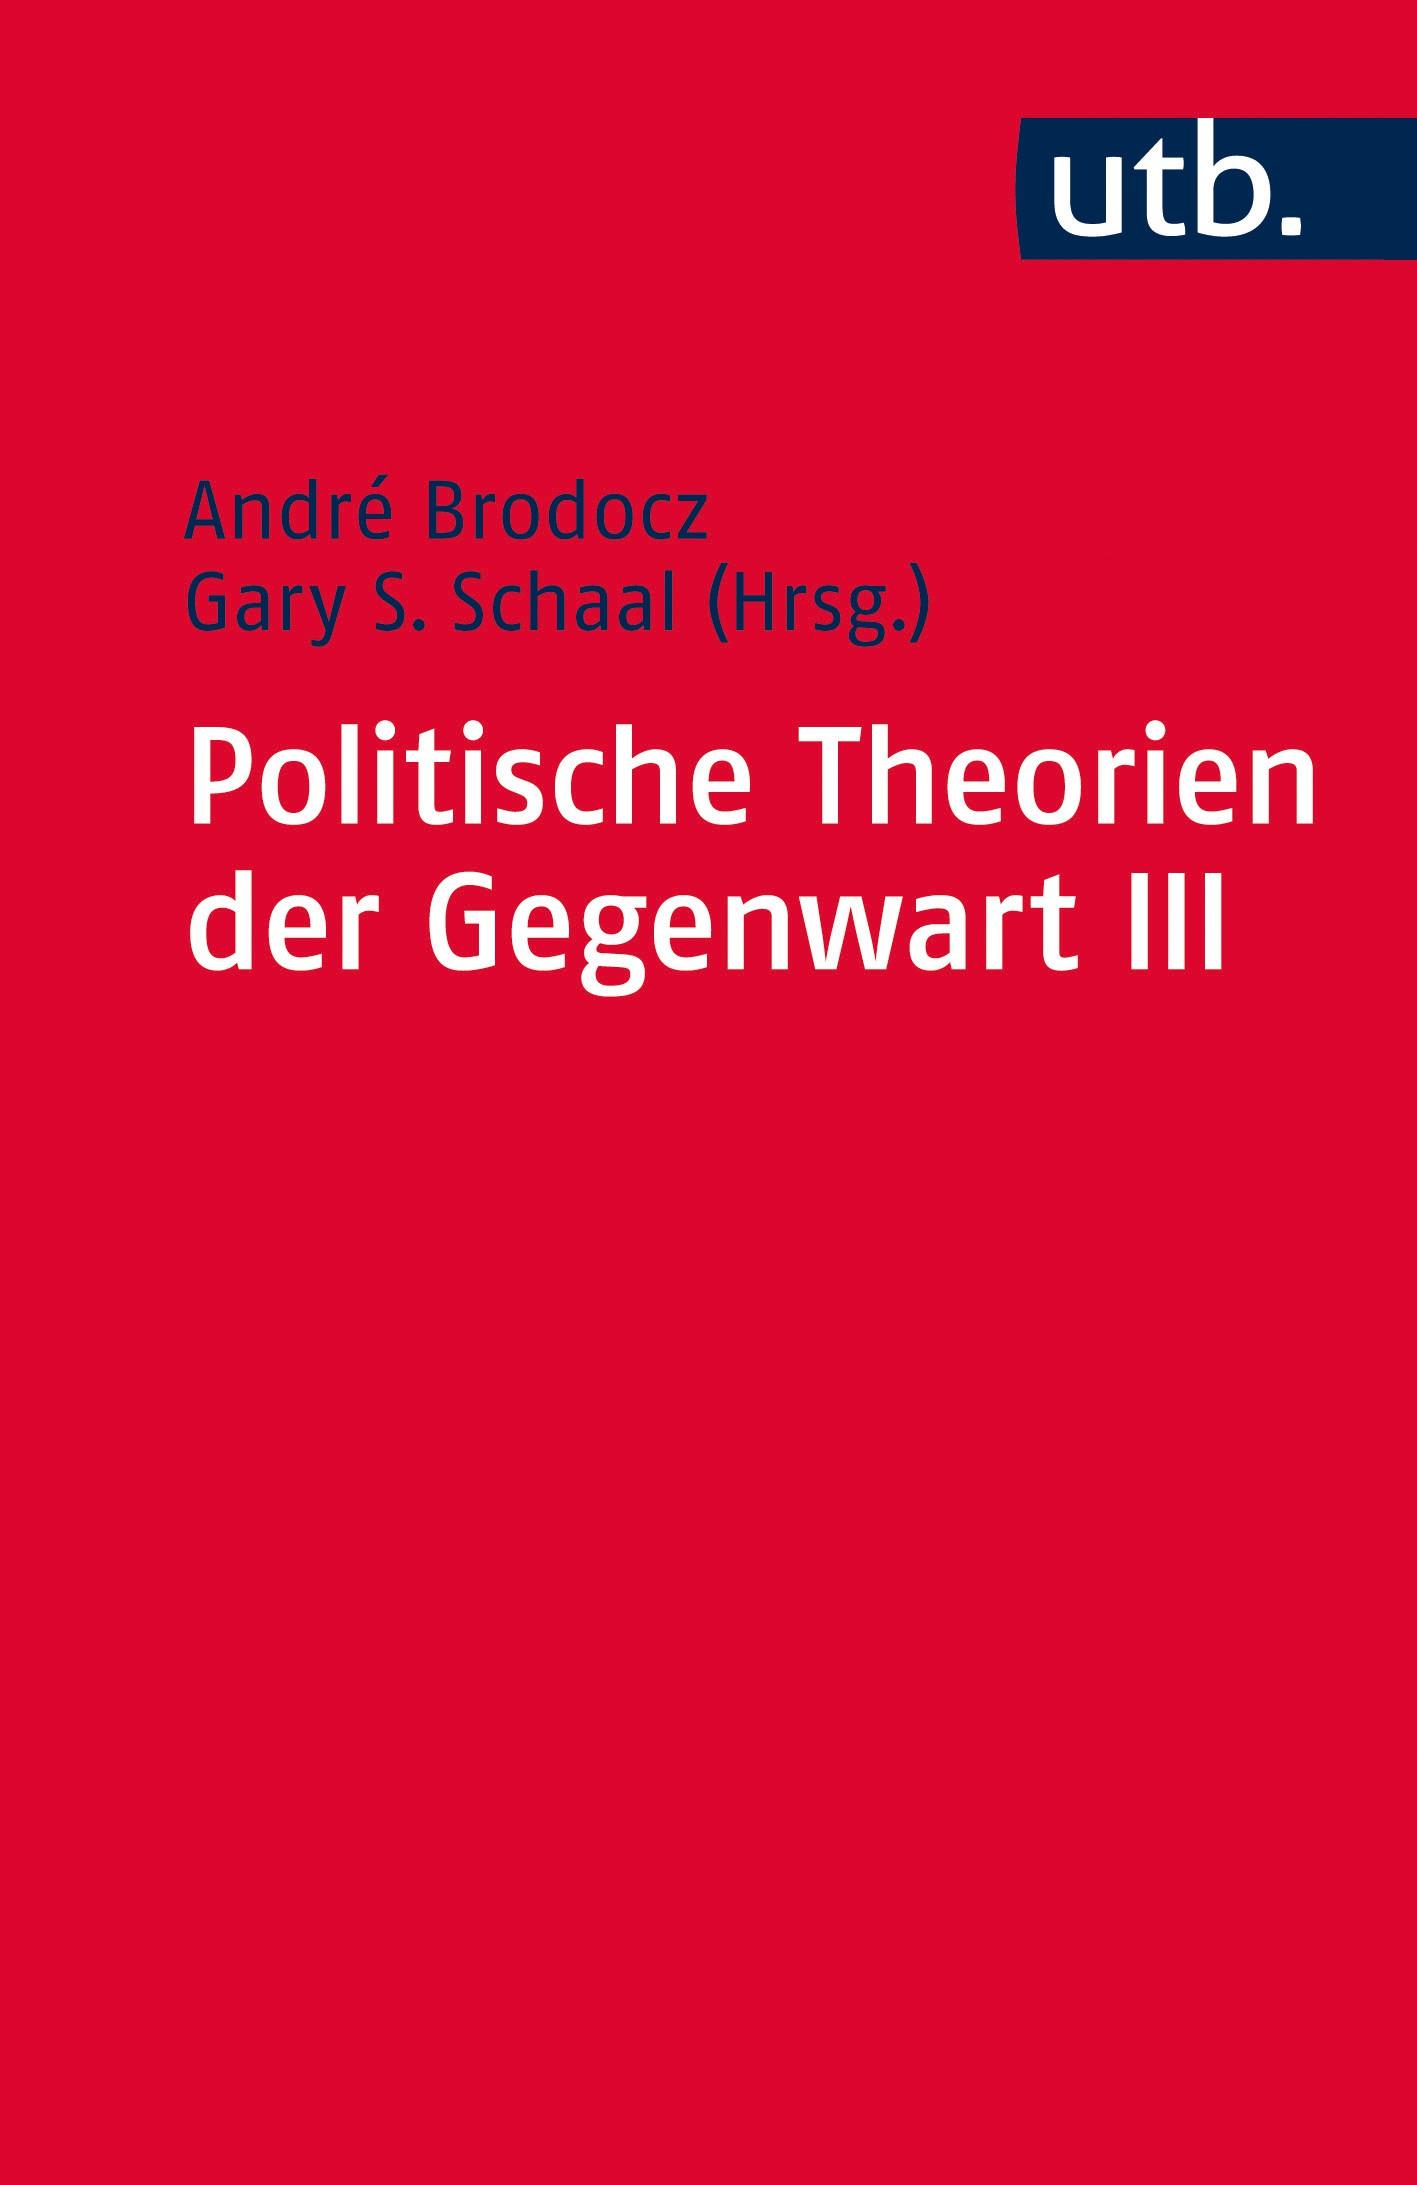 politische-theorien-der-gegenwart-iii_45240